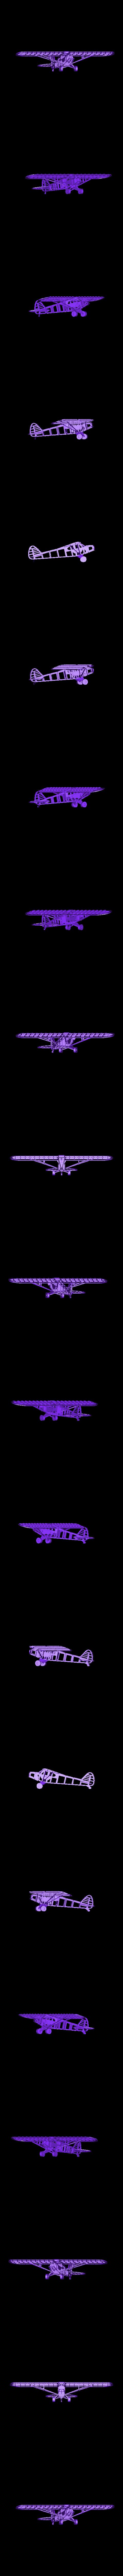 Piper_Cub_J3_piezas_Planas_para_render.obj Download free OBJ file Piper Cub frame model (esc: 1/64) (No 3D print, CNC routing) • 3D print model, guaro3d